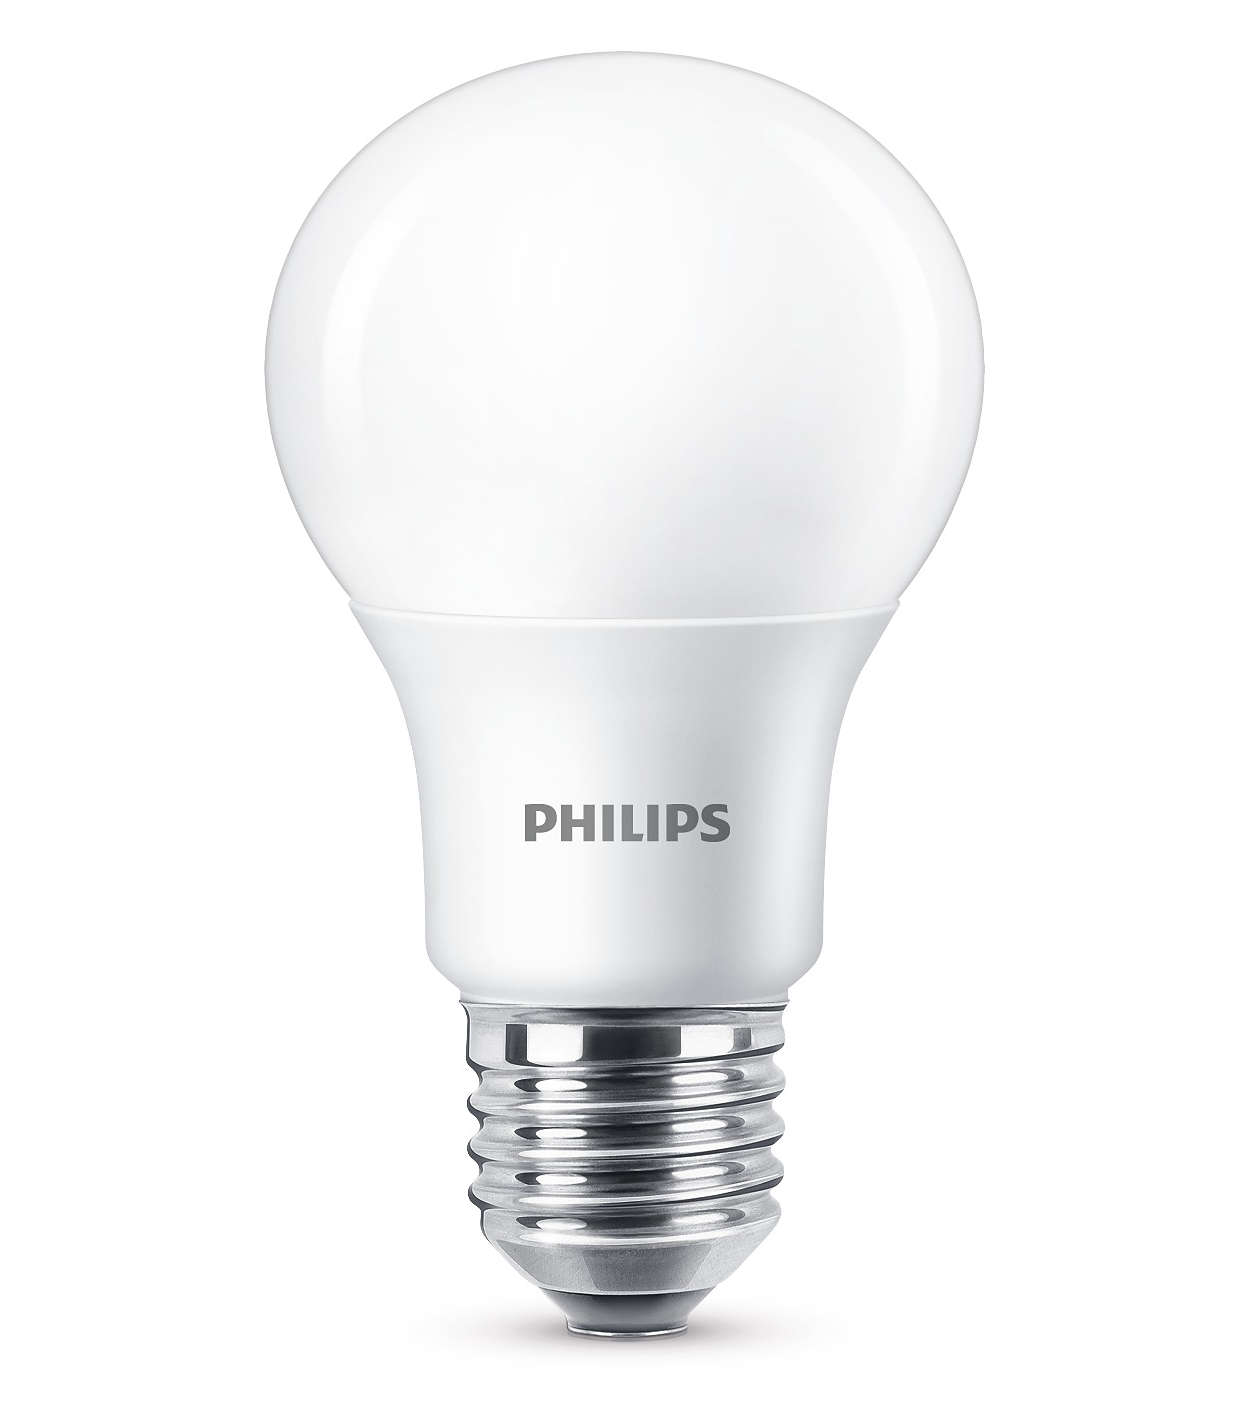 Experimente uma luz LED branca suave de intensidade regulável